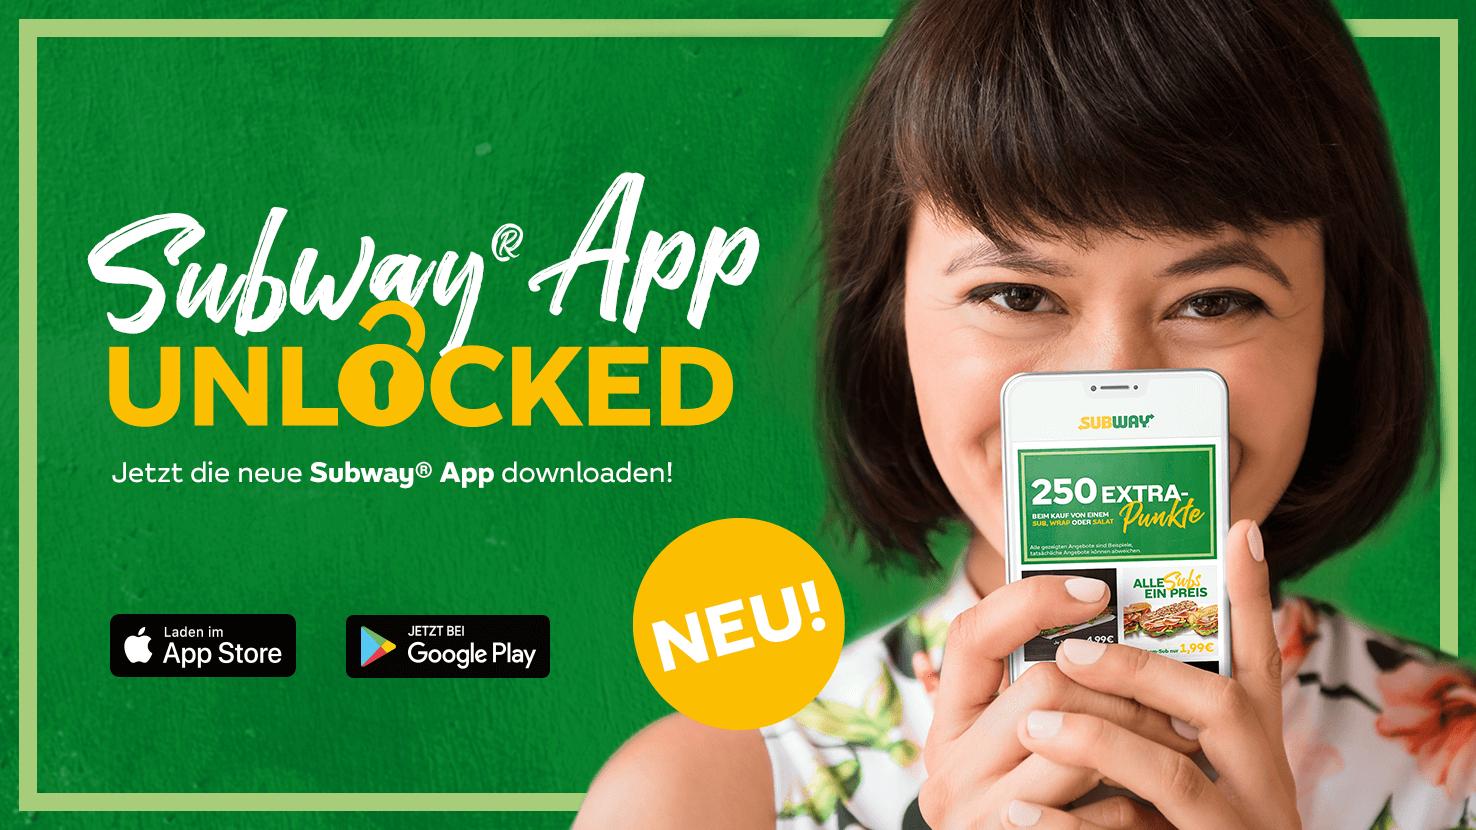 Subway Gutscheine in der neuen Subway App z.B. beliebiges 15cm Sub für 1,99€